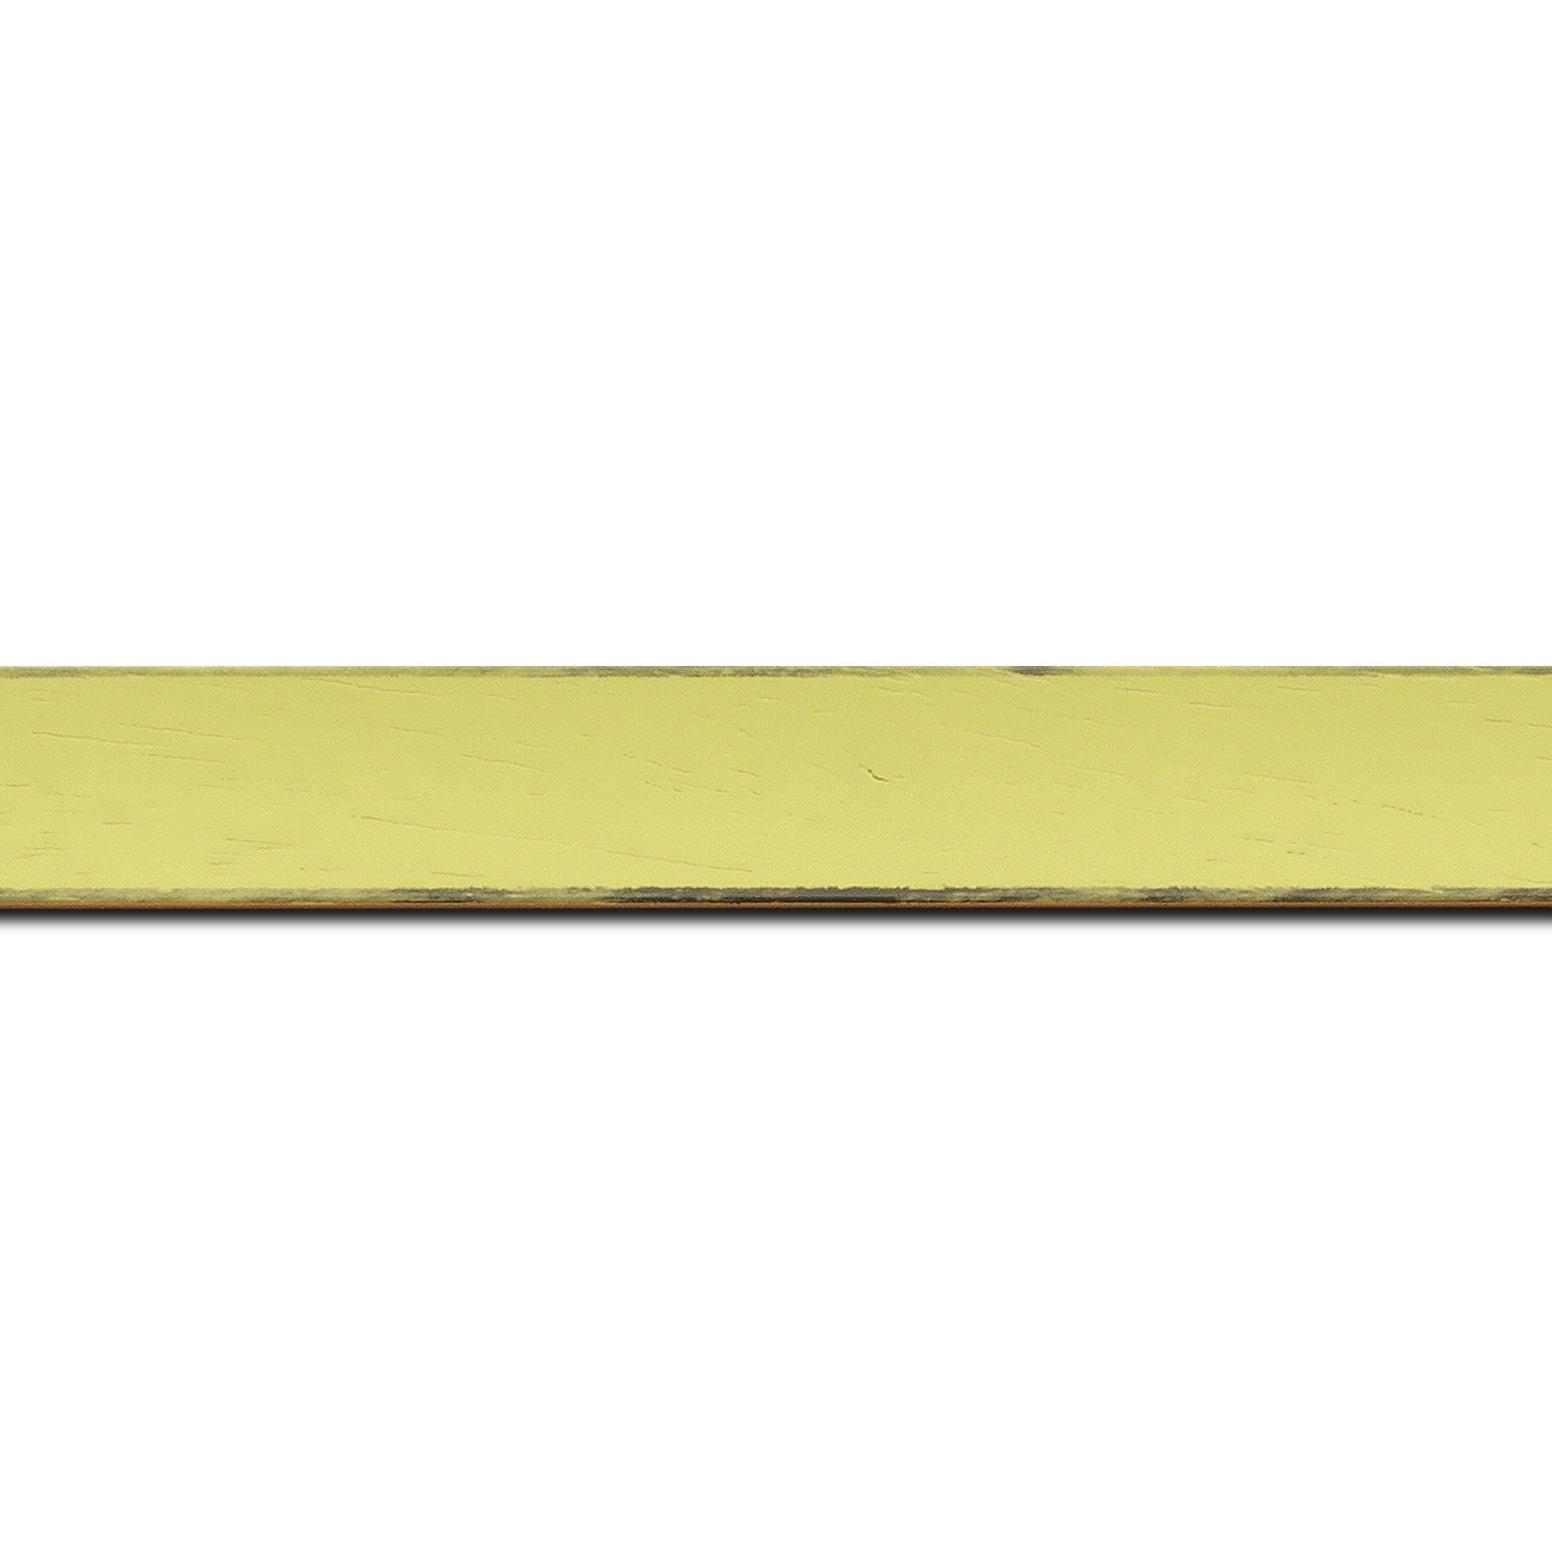 Pack par 12m, bois profil concave largeur 2.4cm couleur vert acidulé satiné arêtes essuyés noircies de chaque coté  (longueur baguette pouvant varier entre 2.40m et 3m selon arrivage des bois)